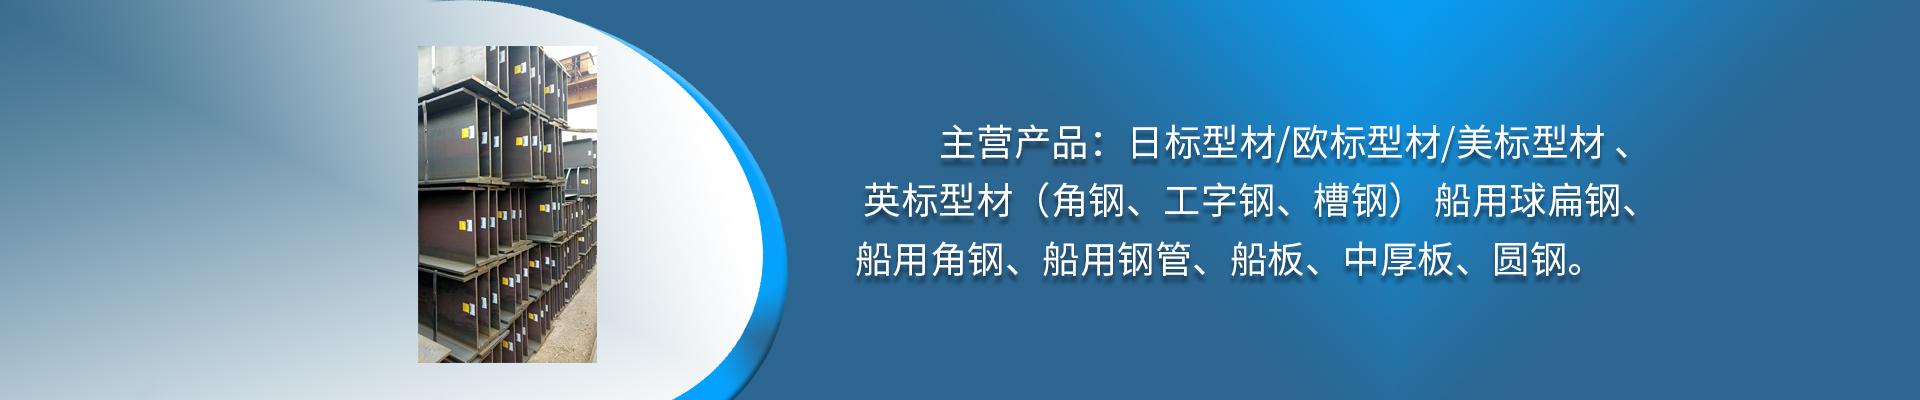 上海赢亚实业发展有限公司